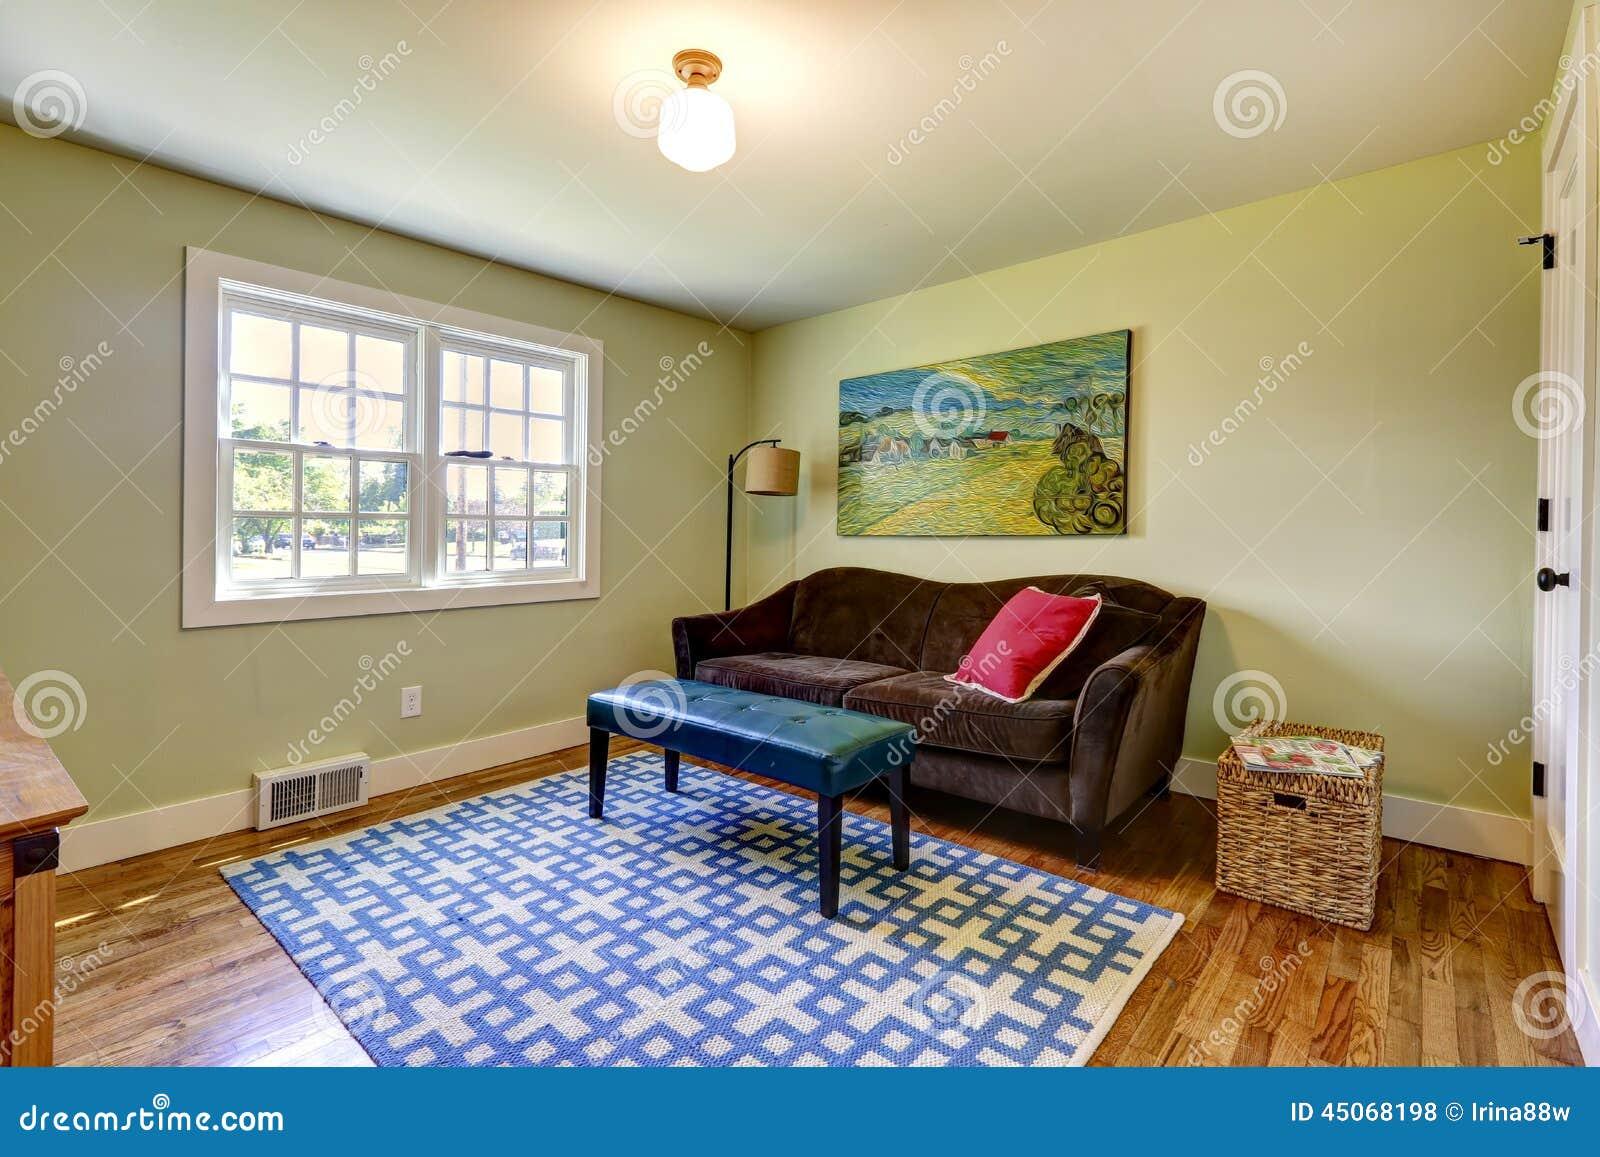 92 wohnzimmer dunkelbraunes sofa perfekt ideen wohnzimmer braune couch auf braun awesome